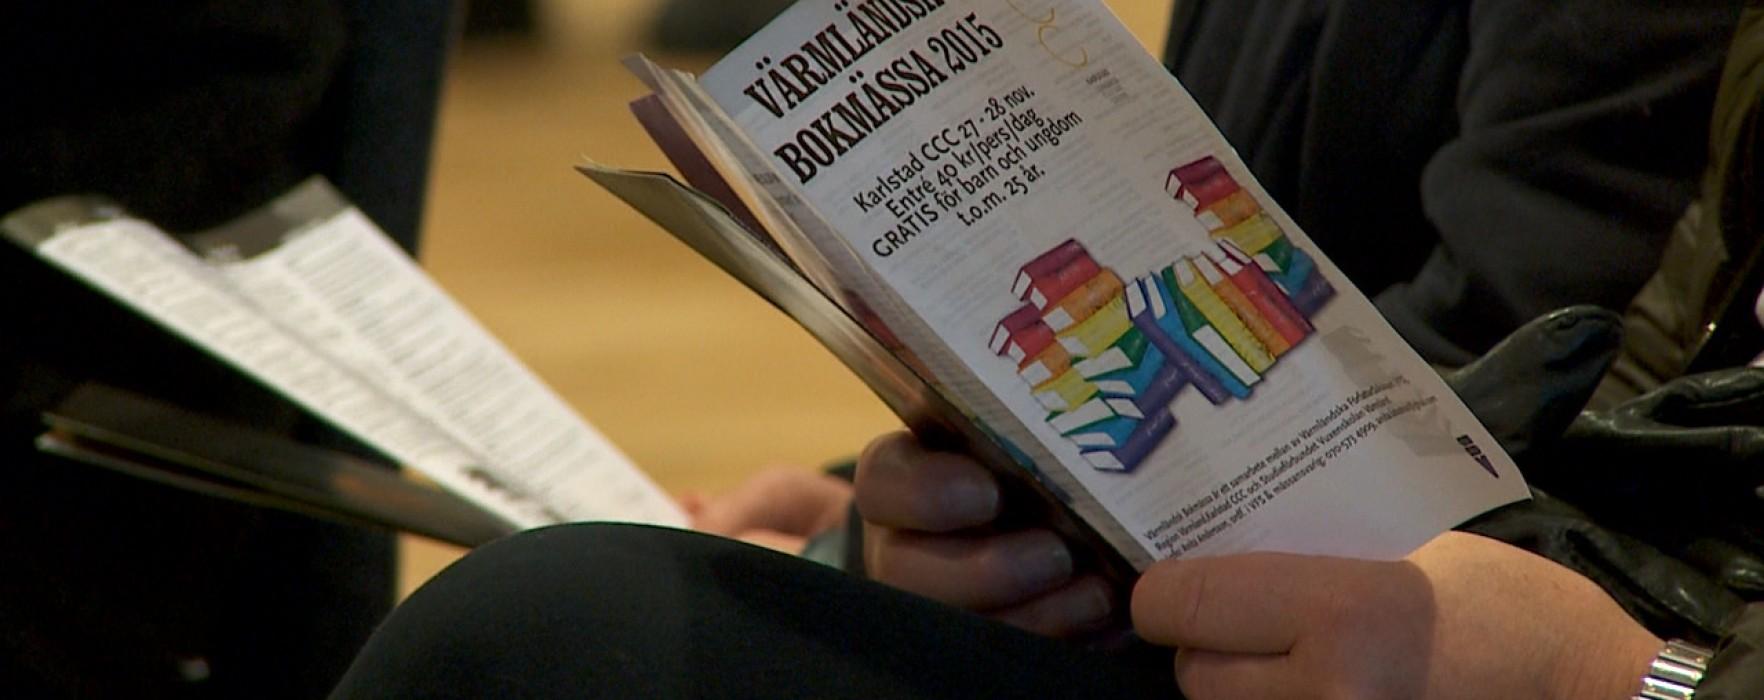 Värmländsk bokmässa 2015